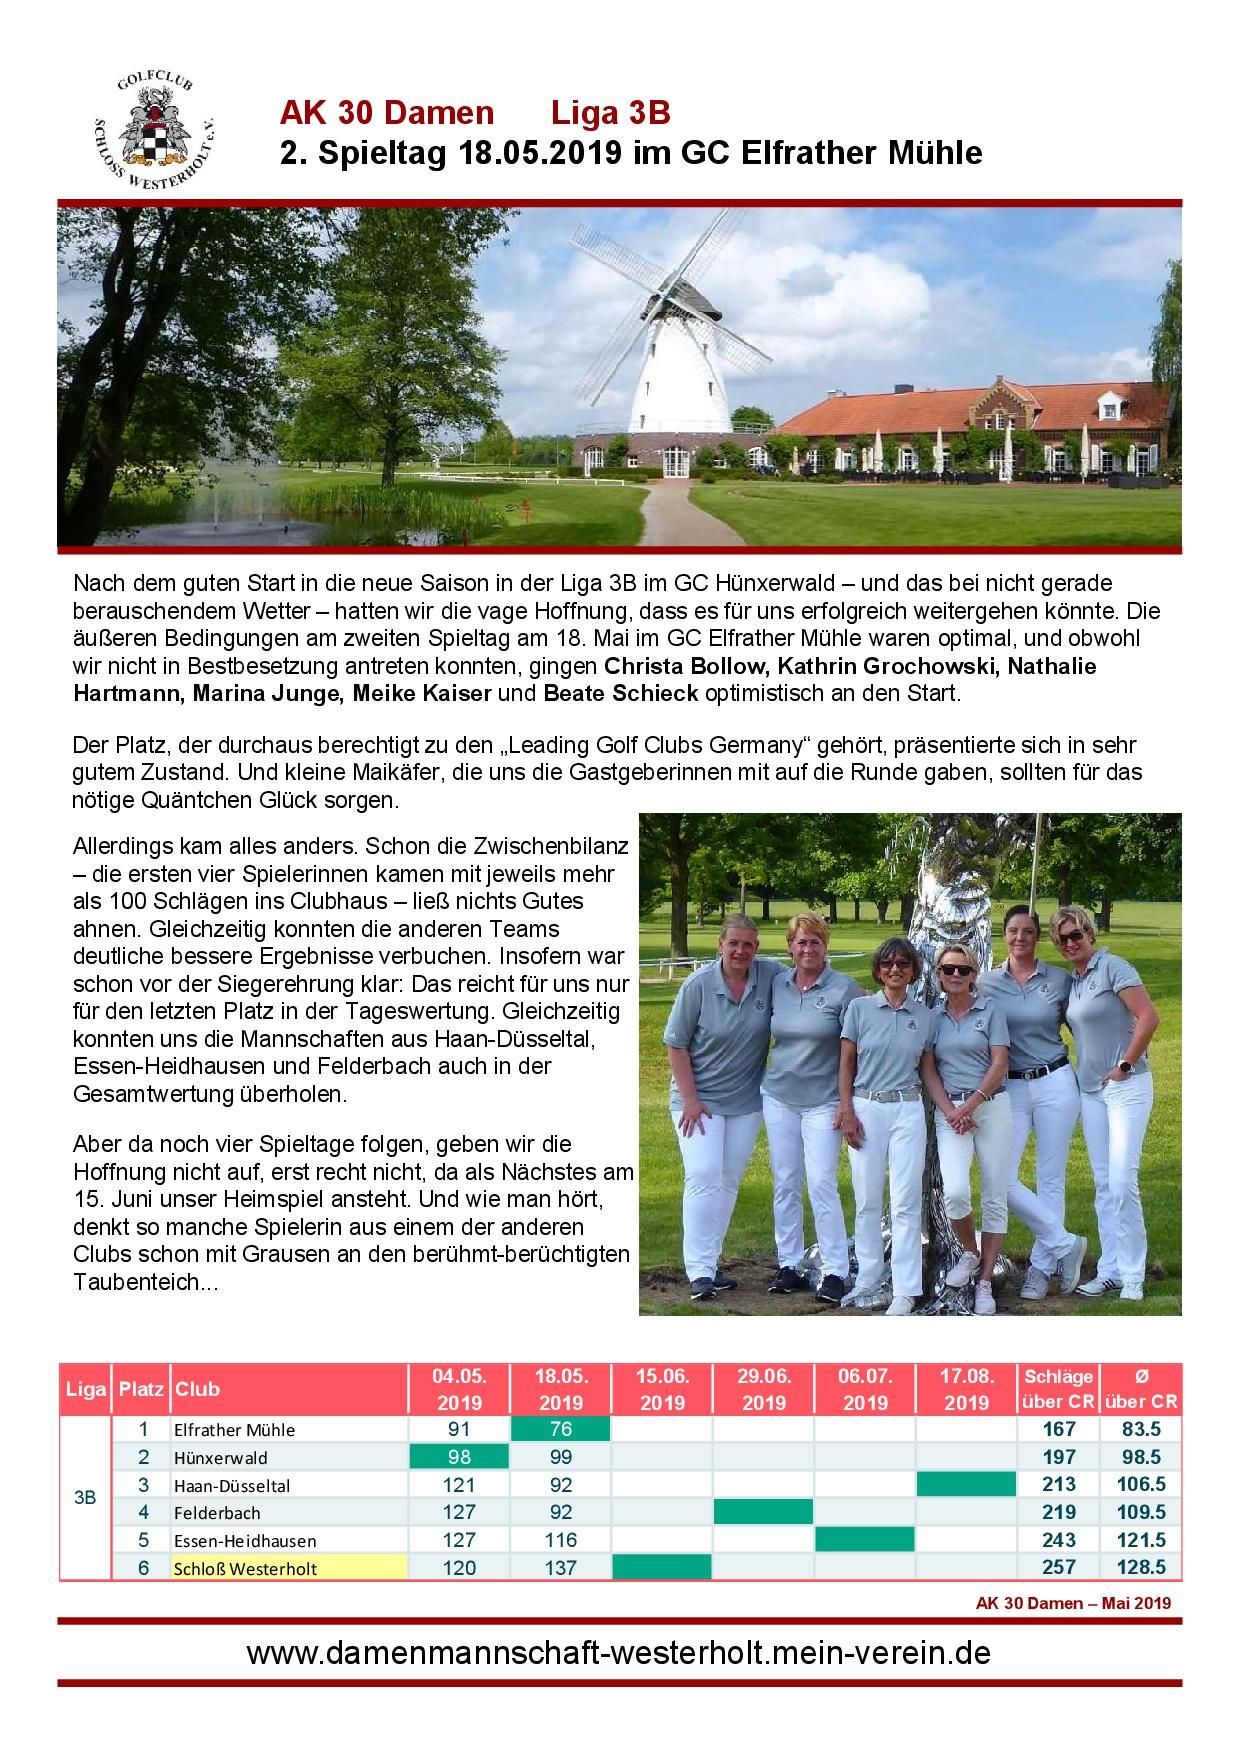 2019 AK 30 05-18 Elfrather Mühle Spielbericht.jpg